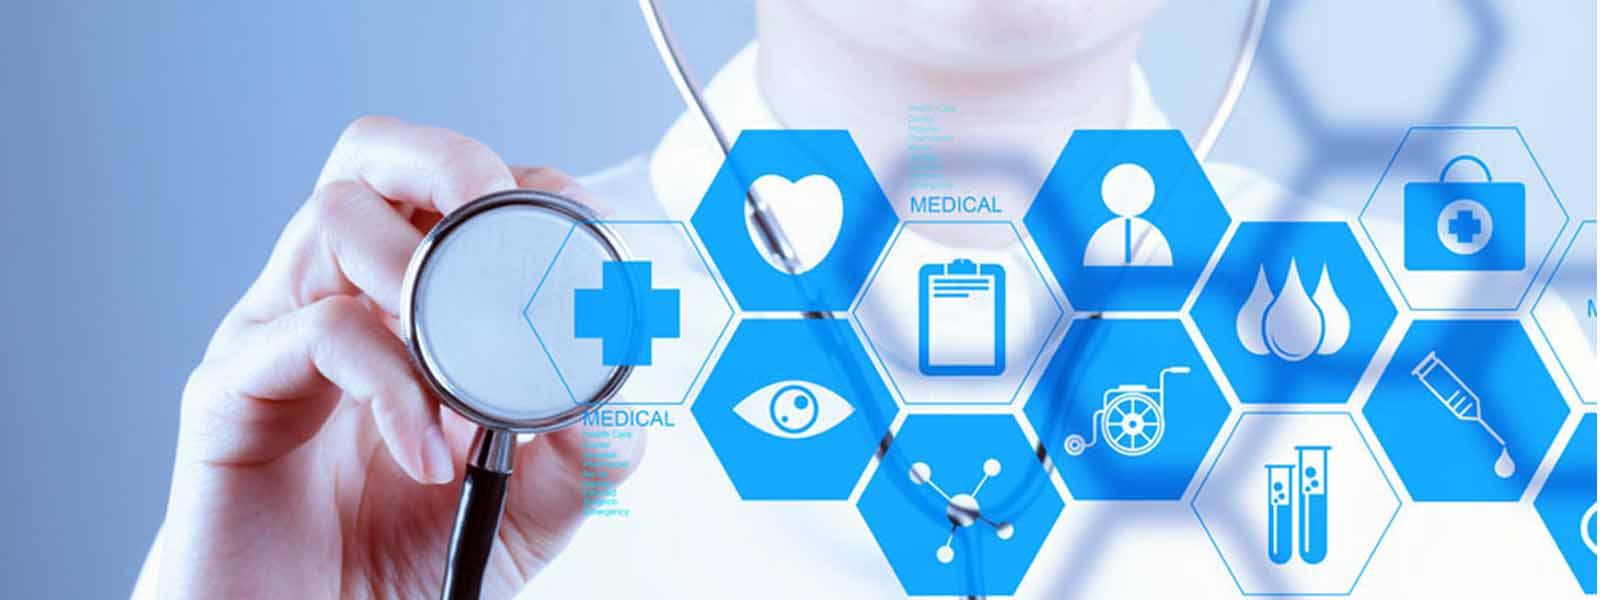 ربات تلگرام پزشکی